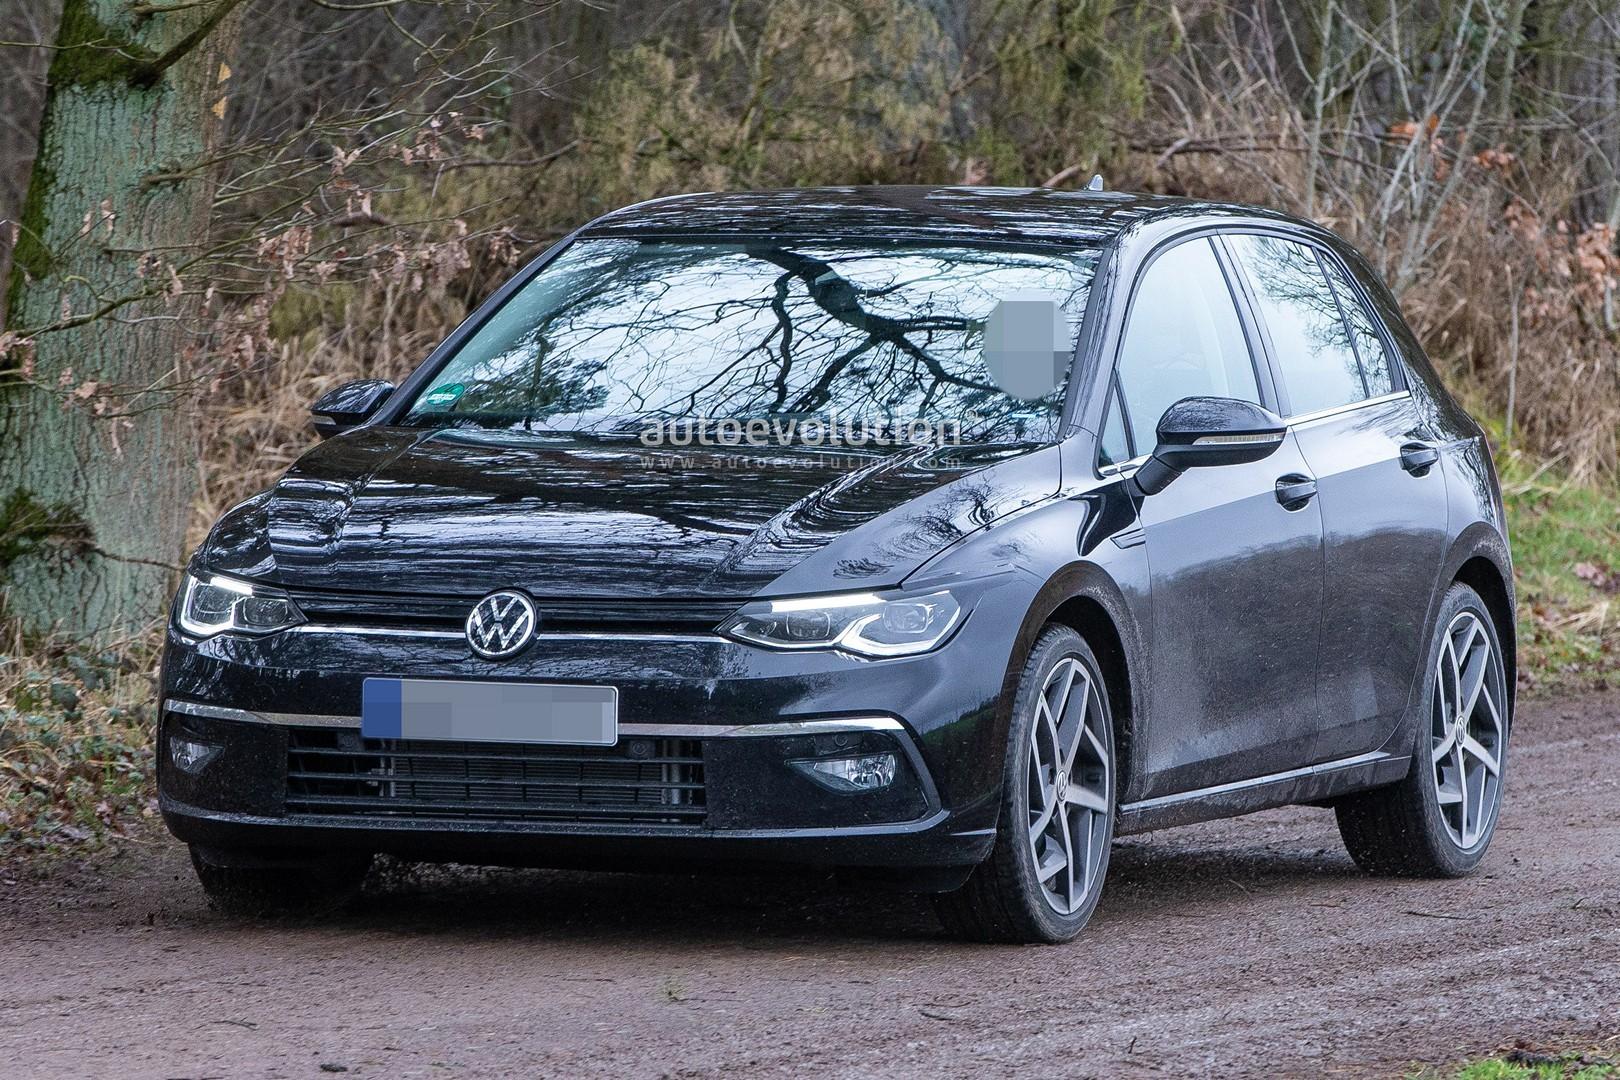 2020 Volkswagen Golf 8 Spied Virtually Undisguised - autoevolution